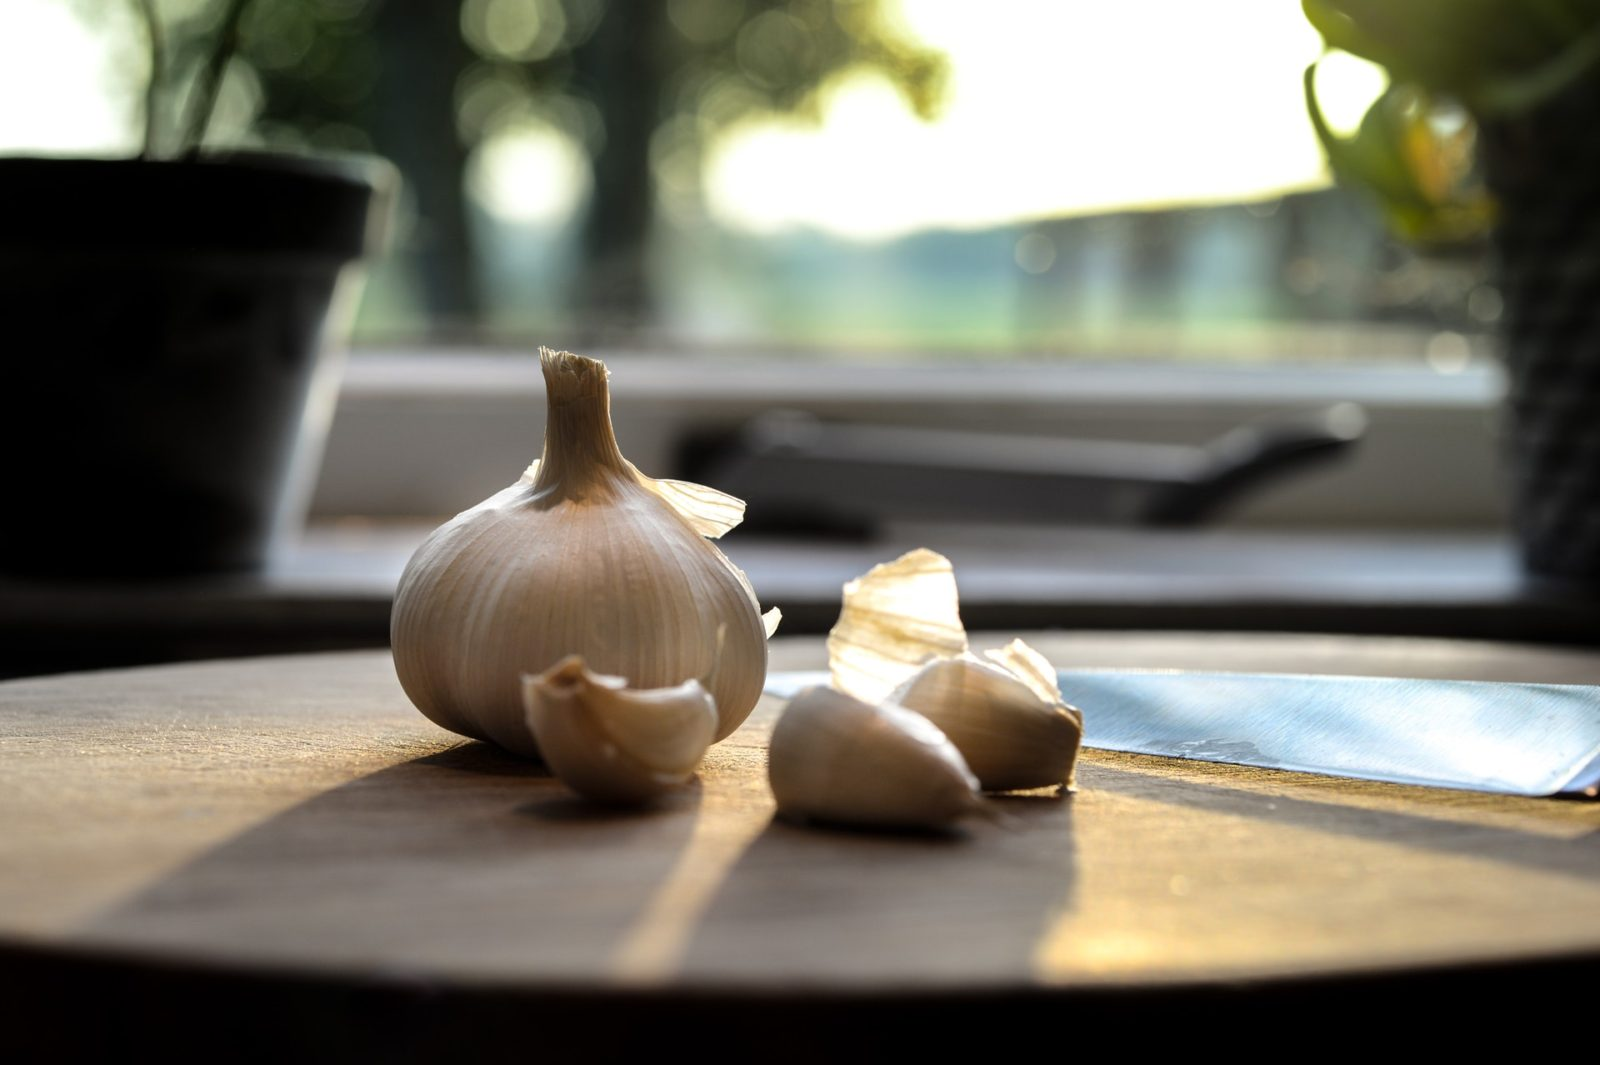 Продукты и способы для чистки организма: чеснок, свекла, сорбенты или голодание